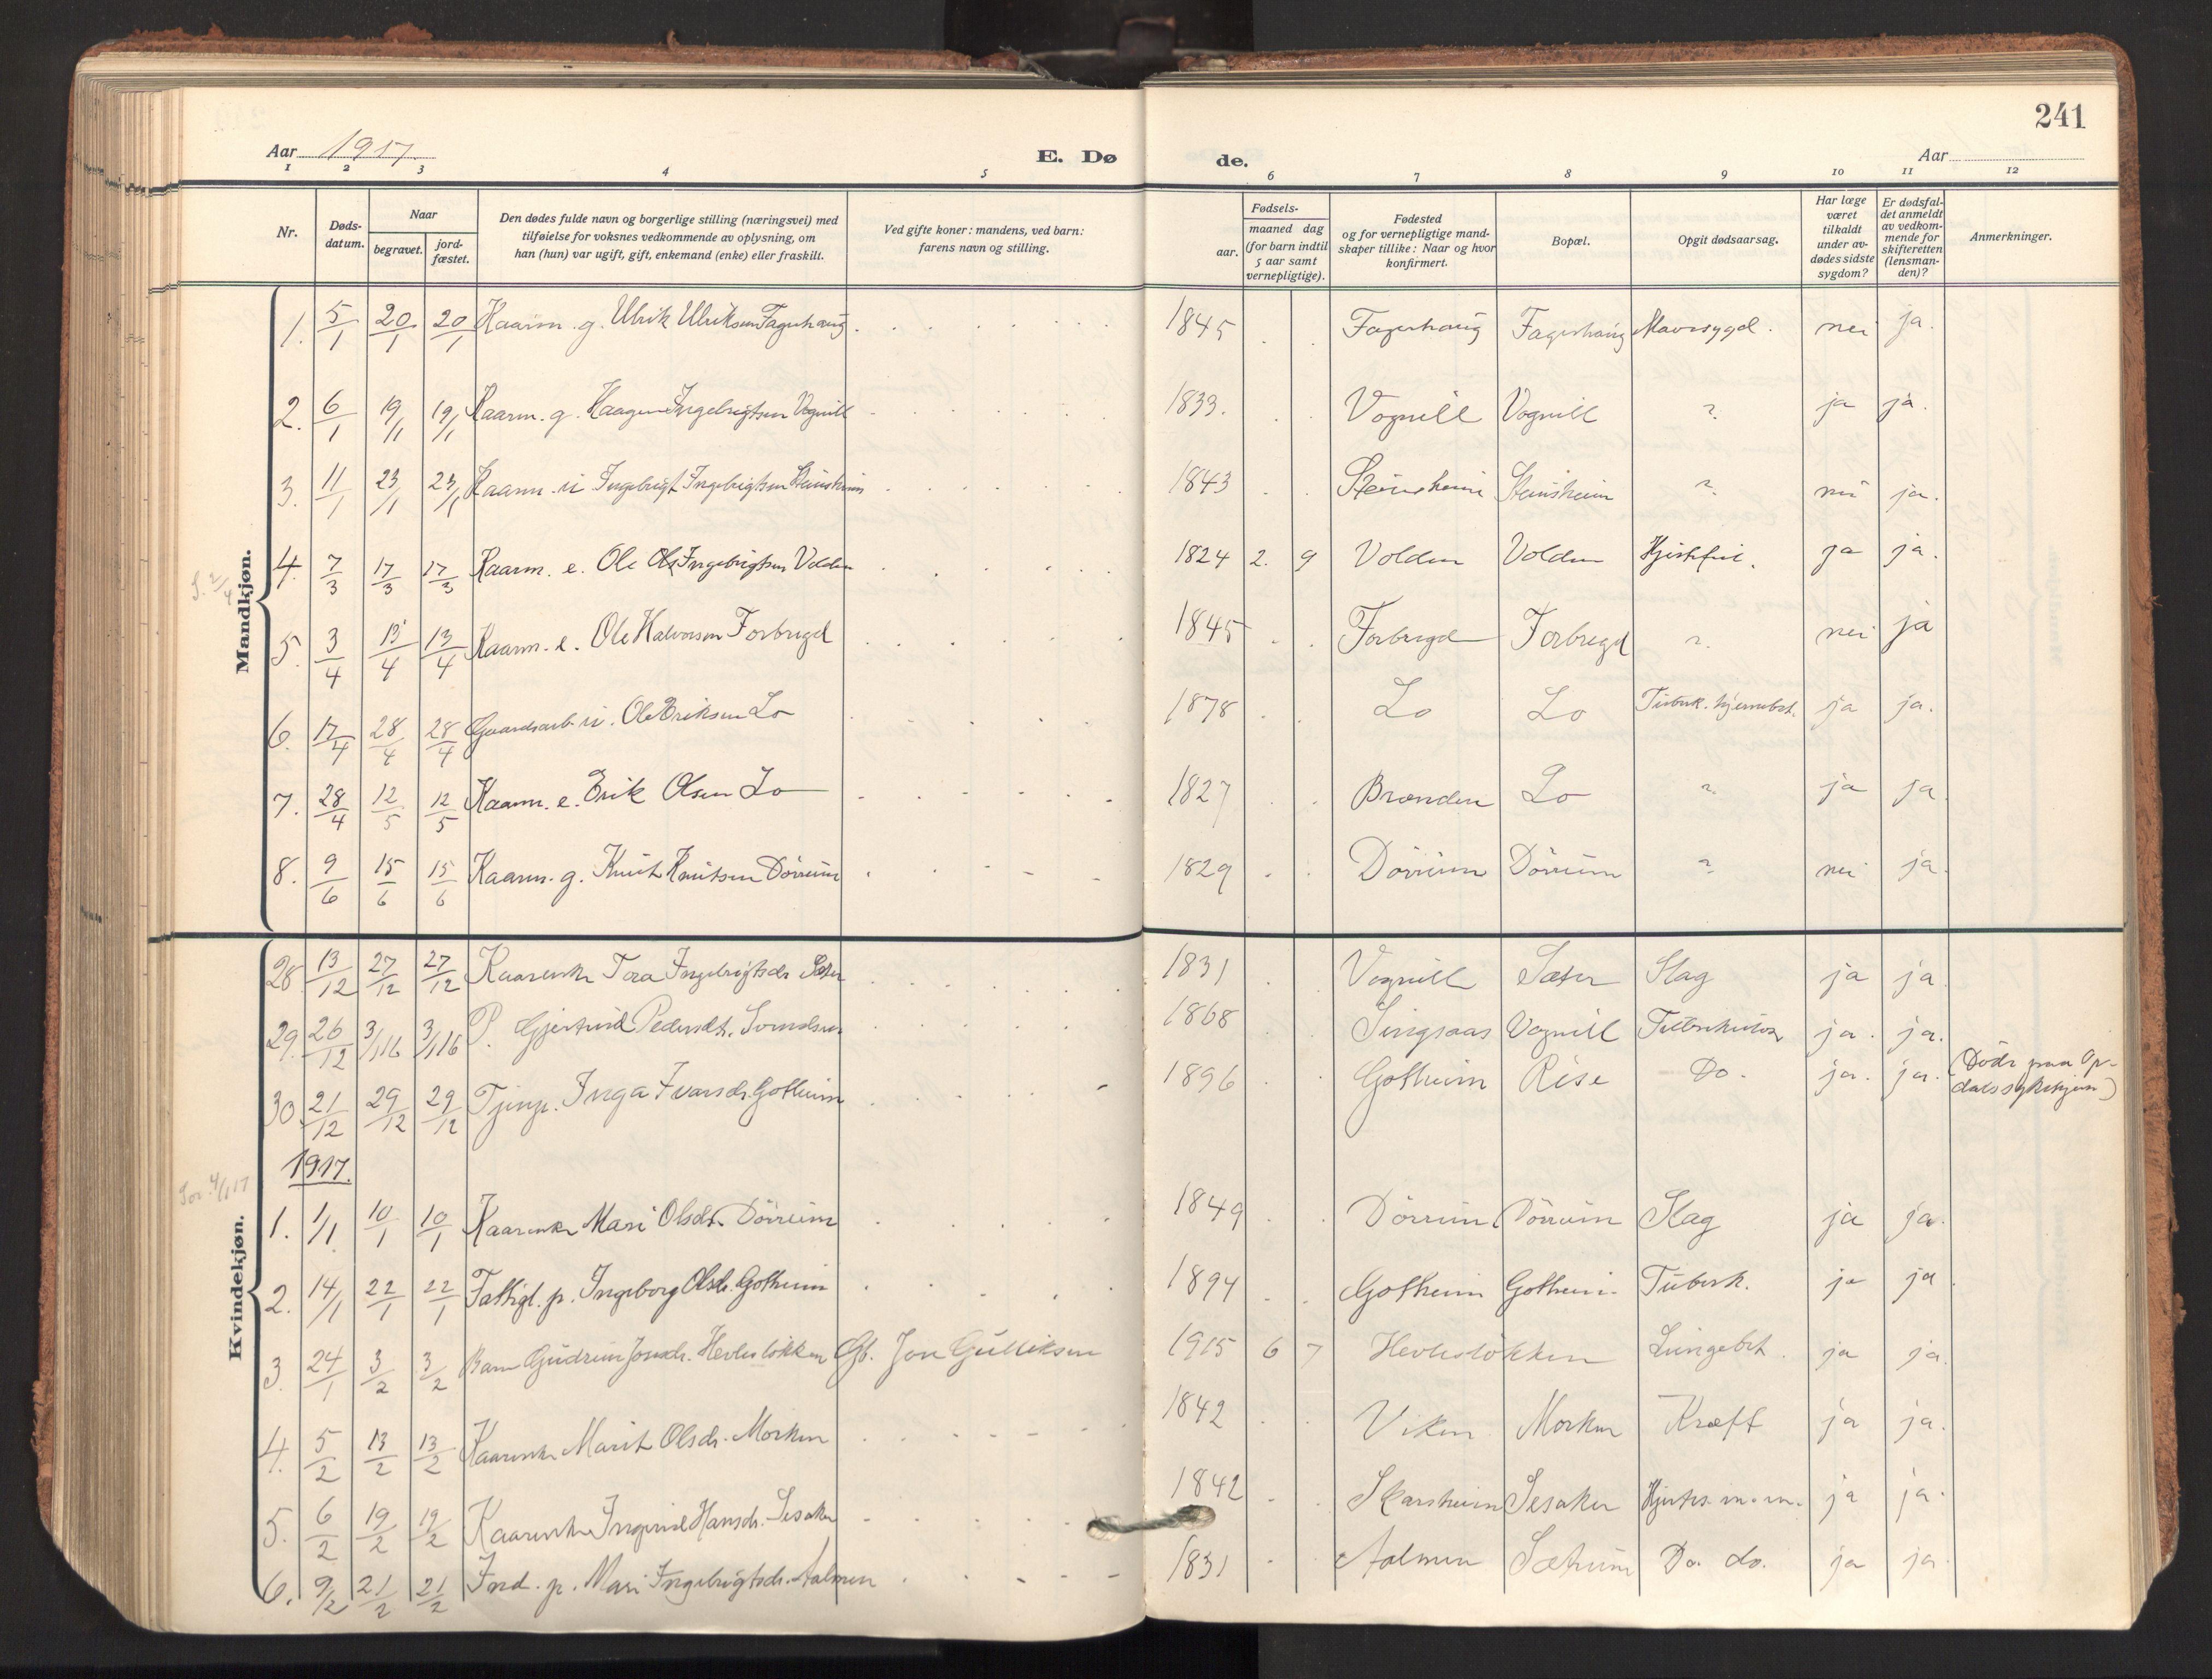 SAT, Ministerialprotokoller, klokkerbøker og fødselsregistre - Sør-Trøndelag, 678/L0909: Ministerialbok nr. 678A17, 1912-1930, s. 241